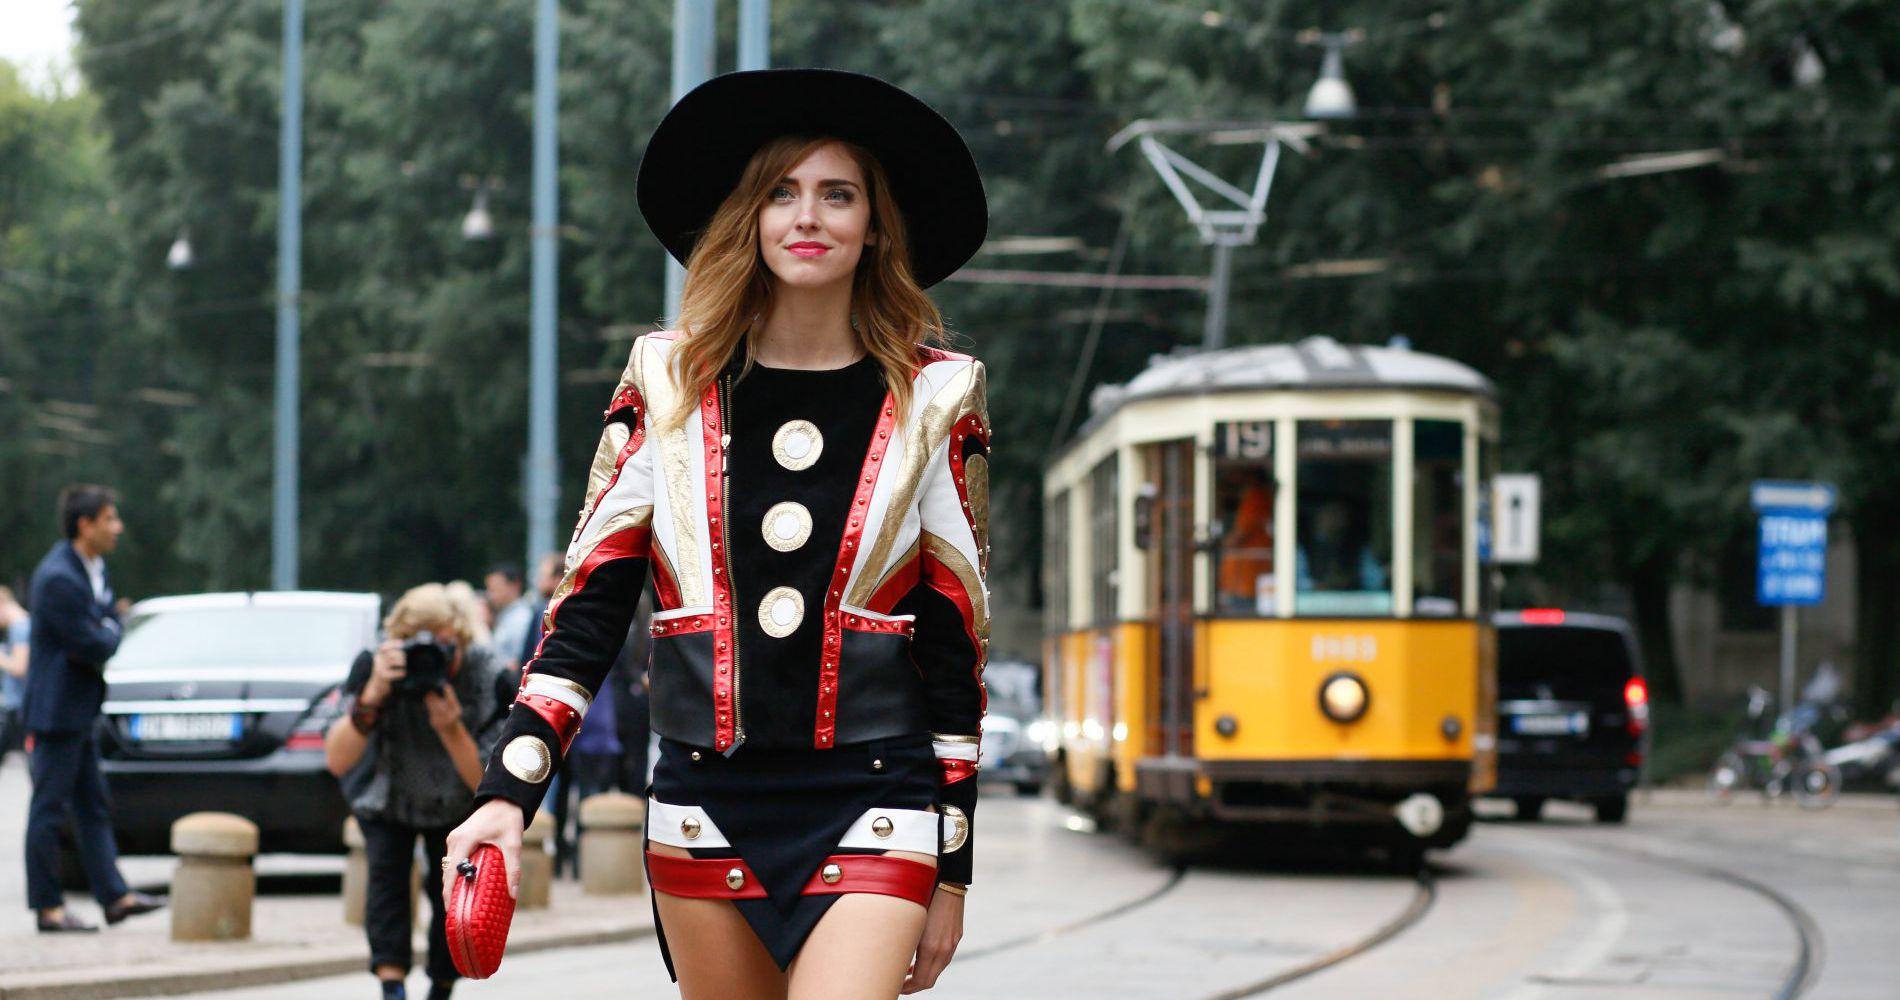 Chiara Ferragni, blogueuse la plus influente du monde aux 9 millions de $